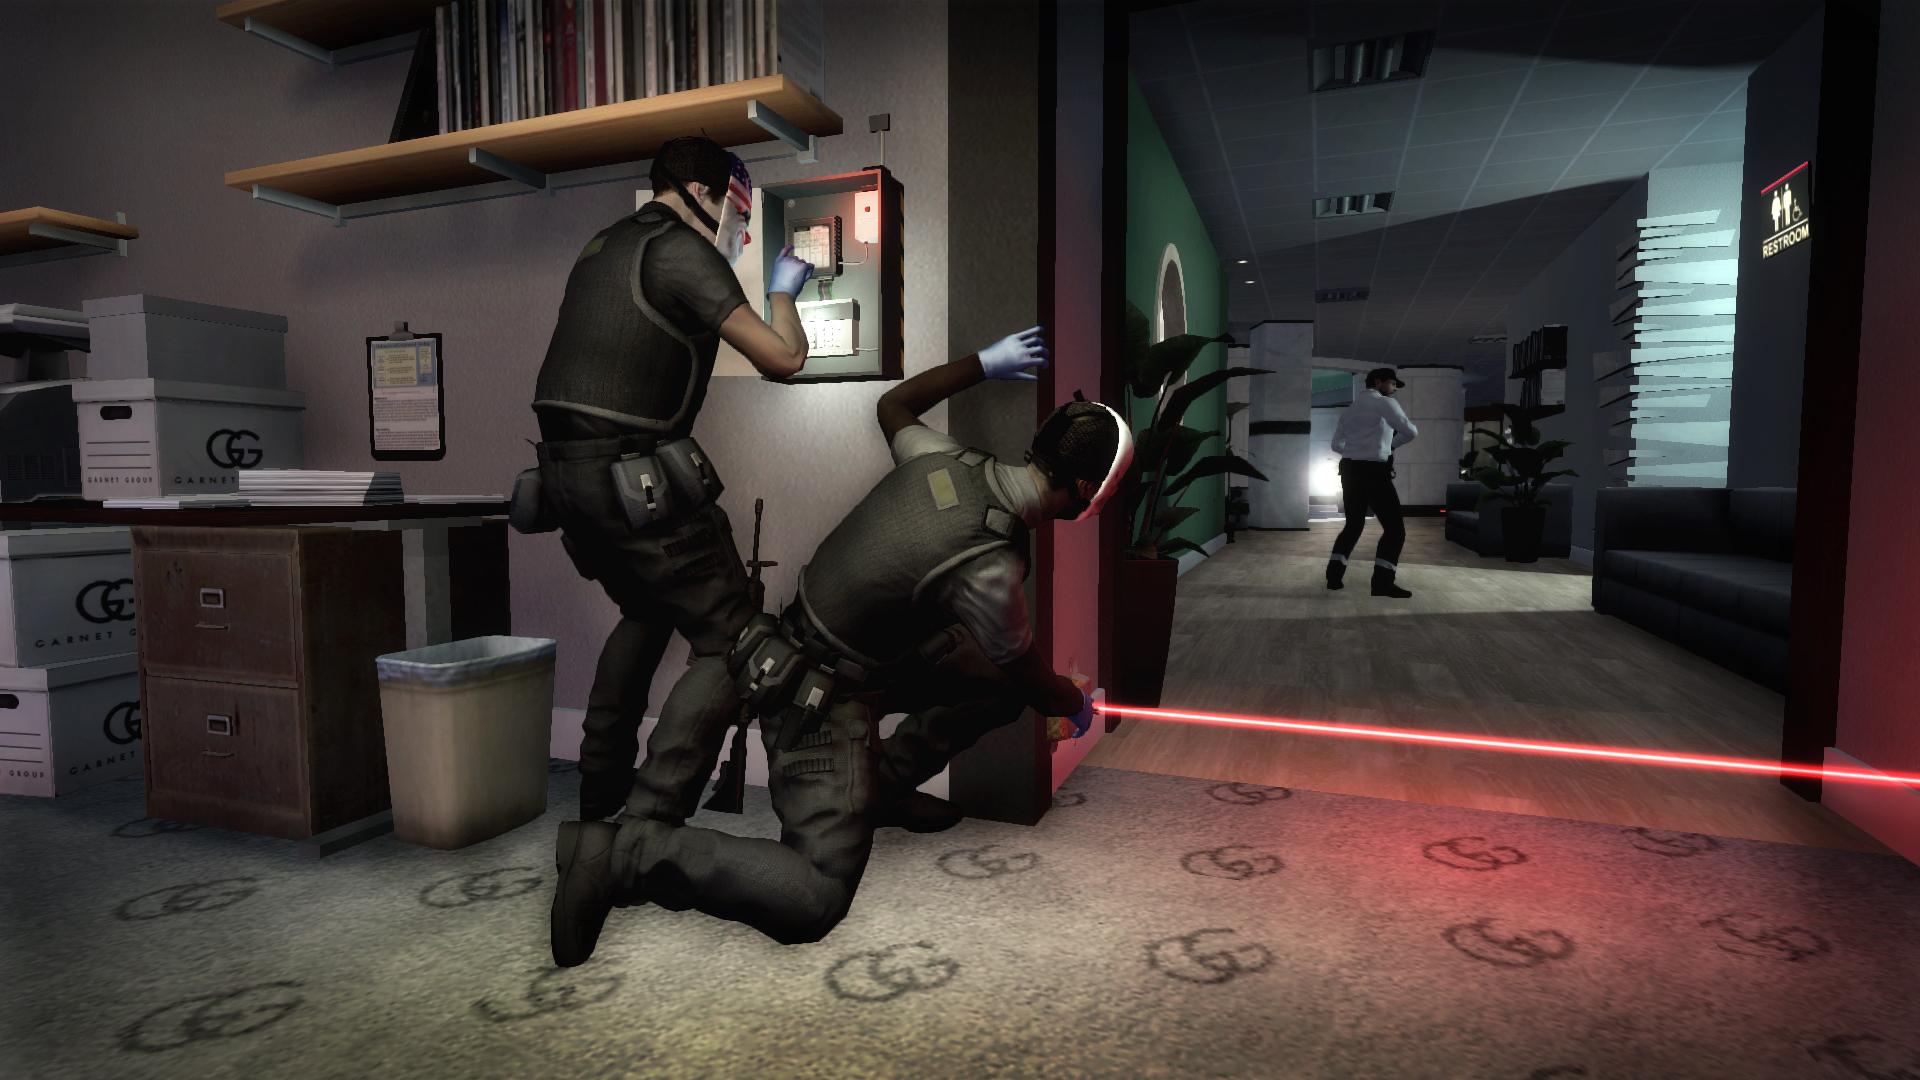 تحميل لعبة سرقة البنوك الجزء الاول - PayDay: The Heist